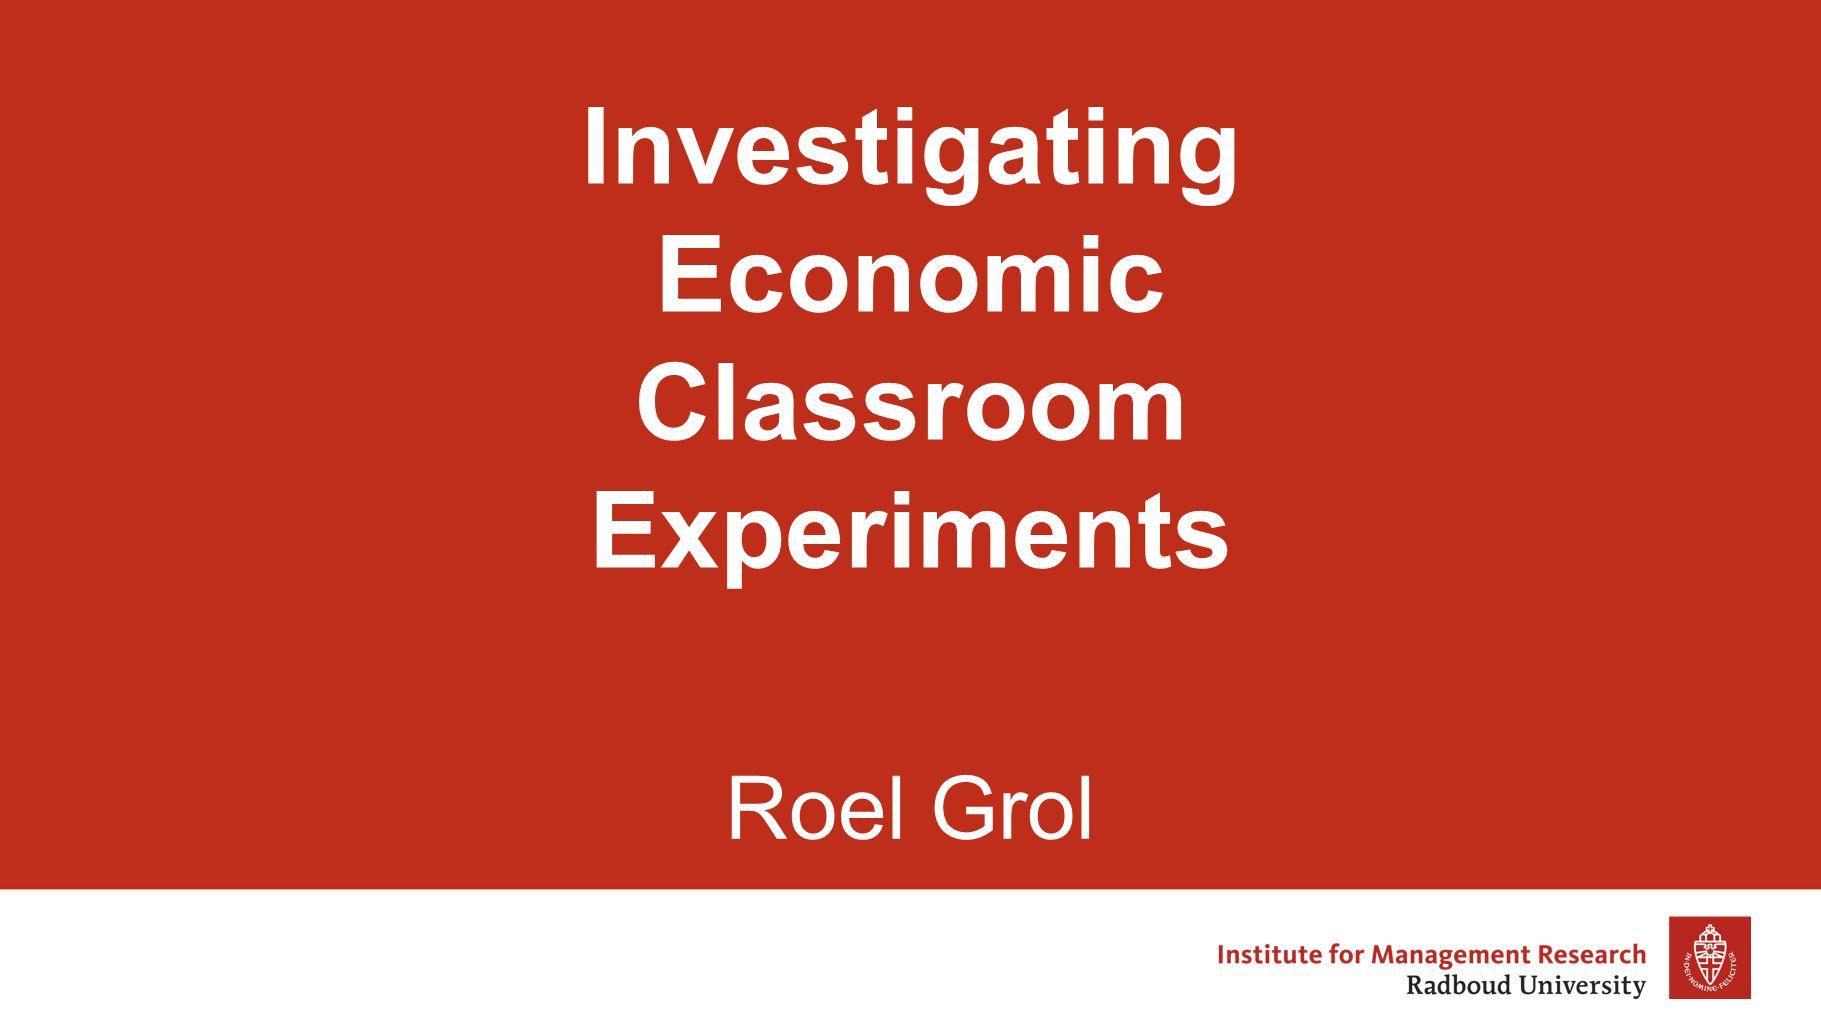 Investigating Economic Classroom Experiments Roel Grol